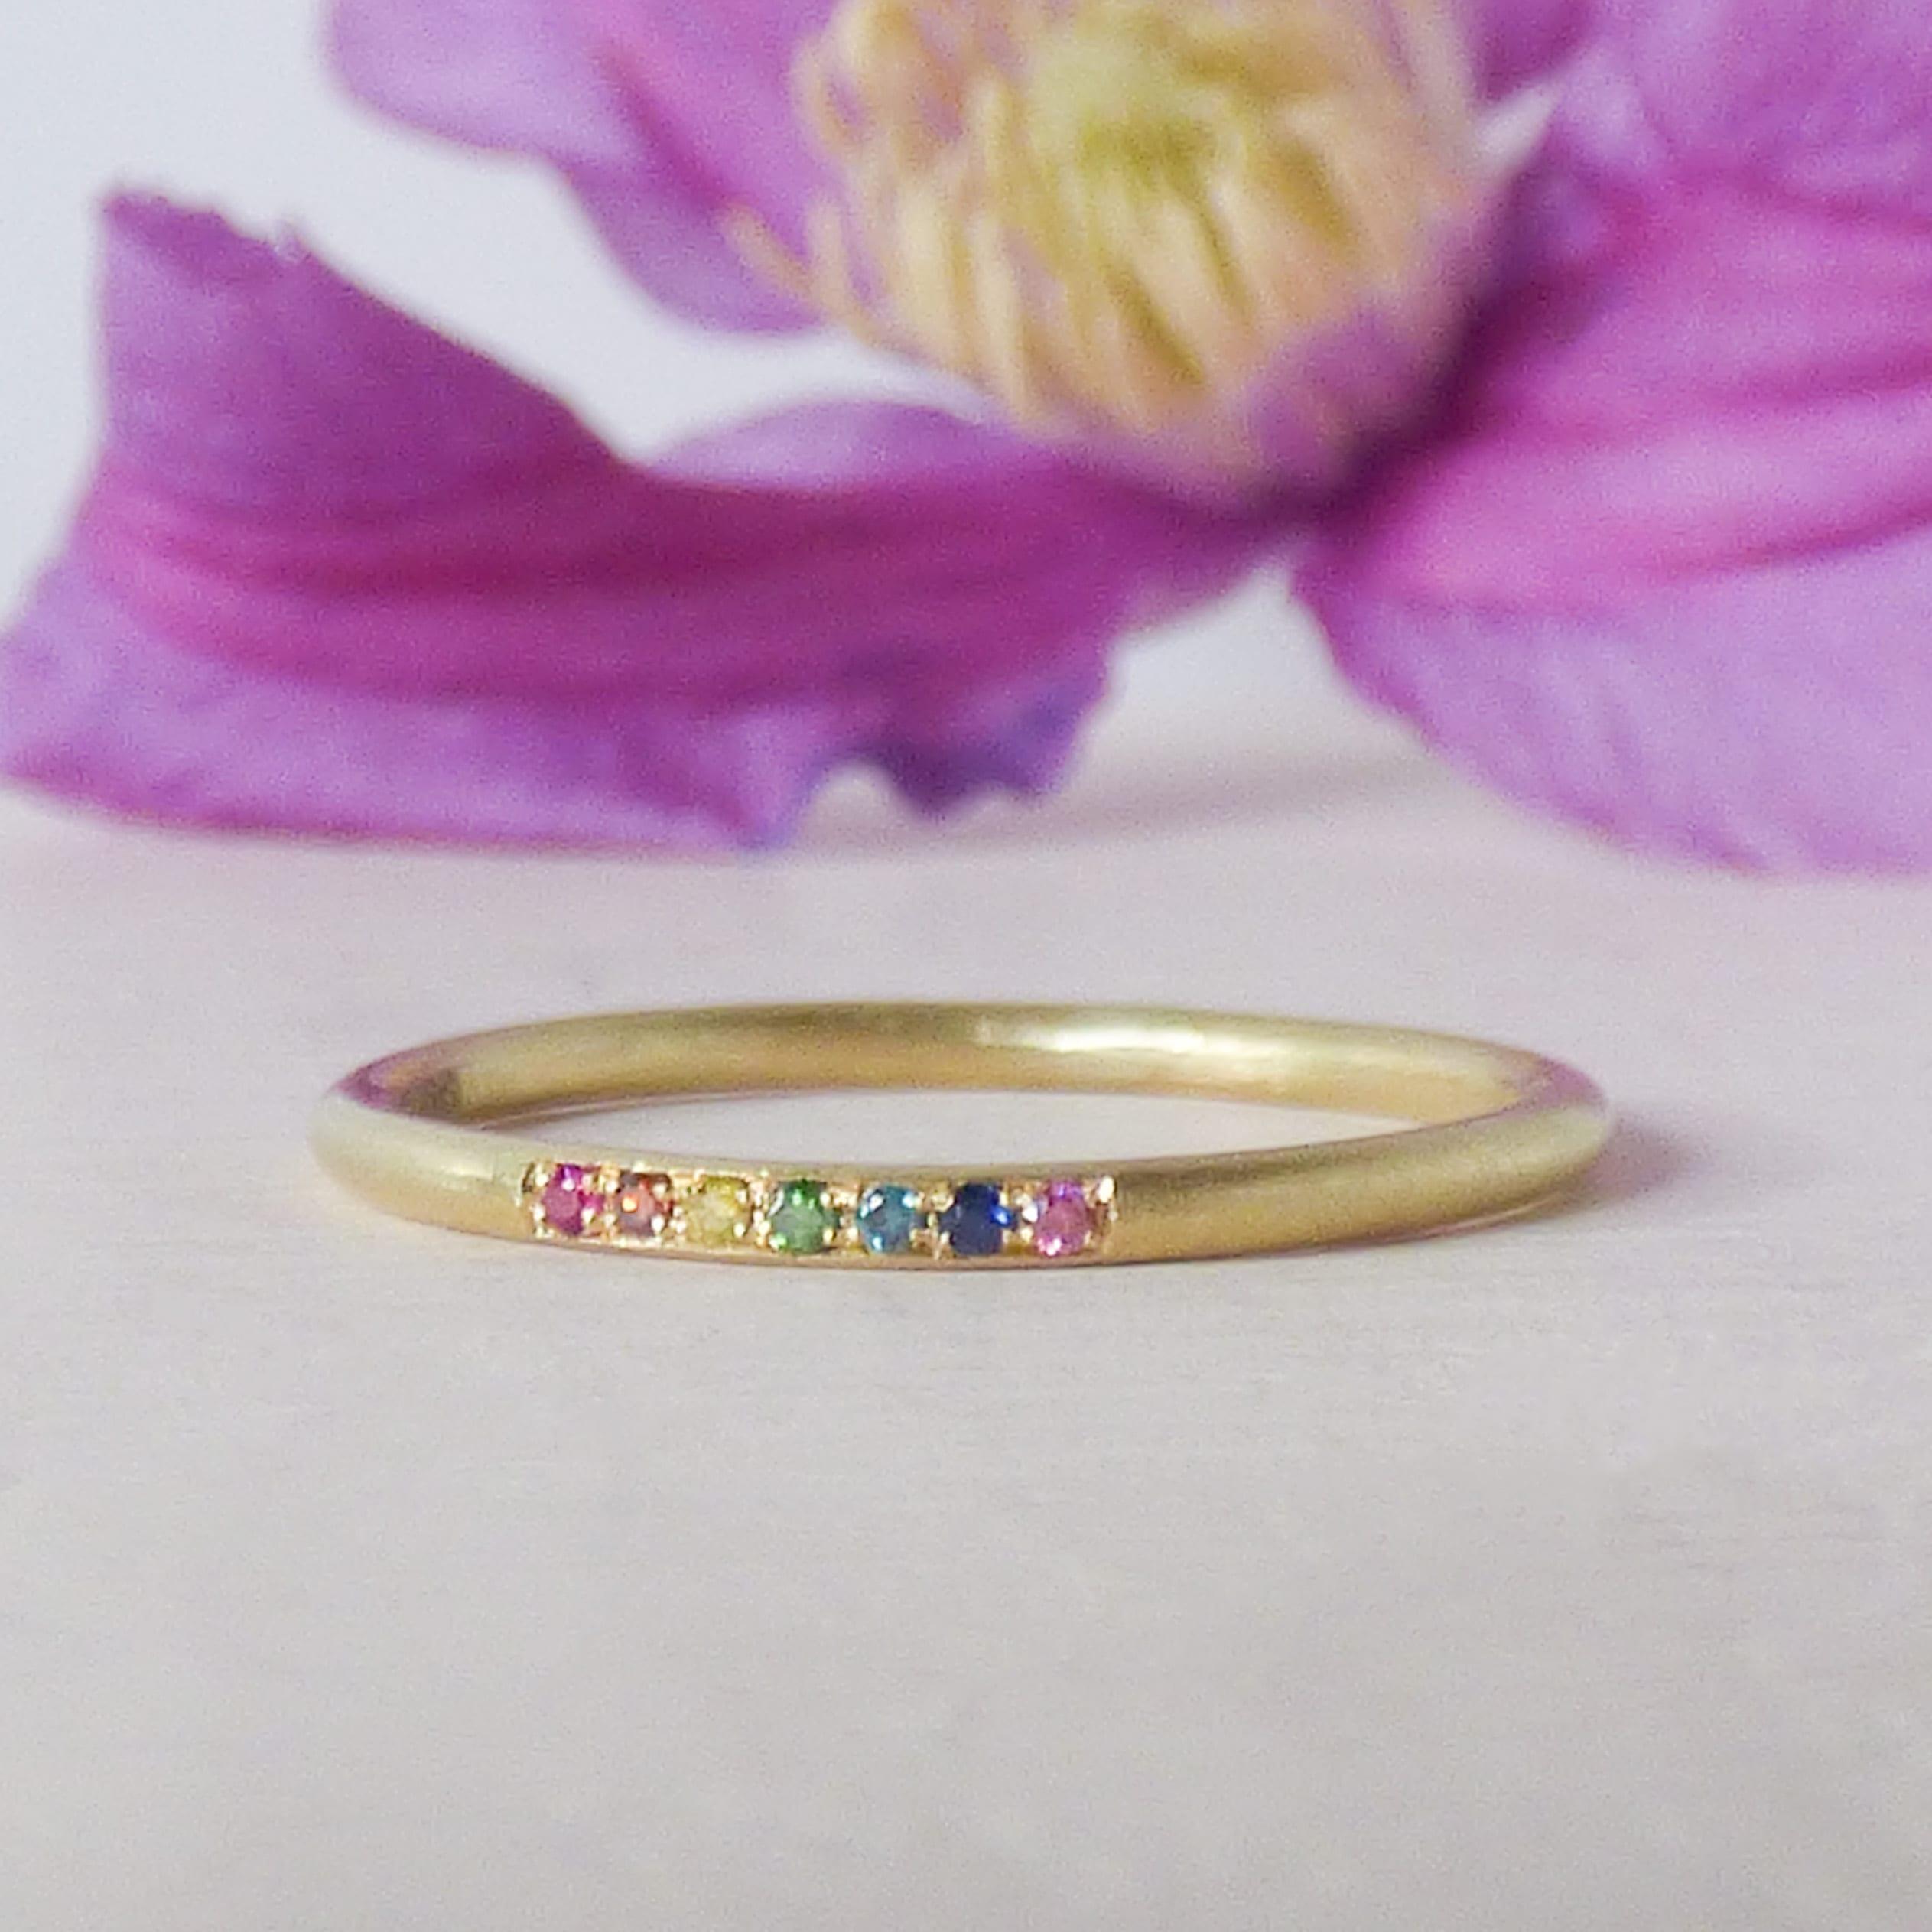 Rainbow-Eliza Ethical Wedding Ring